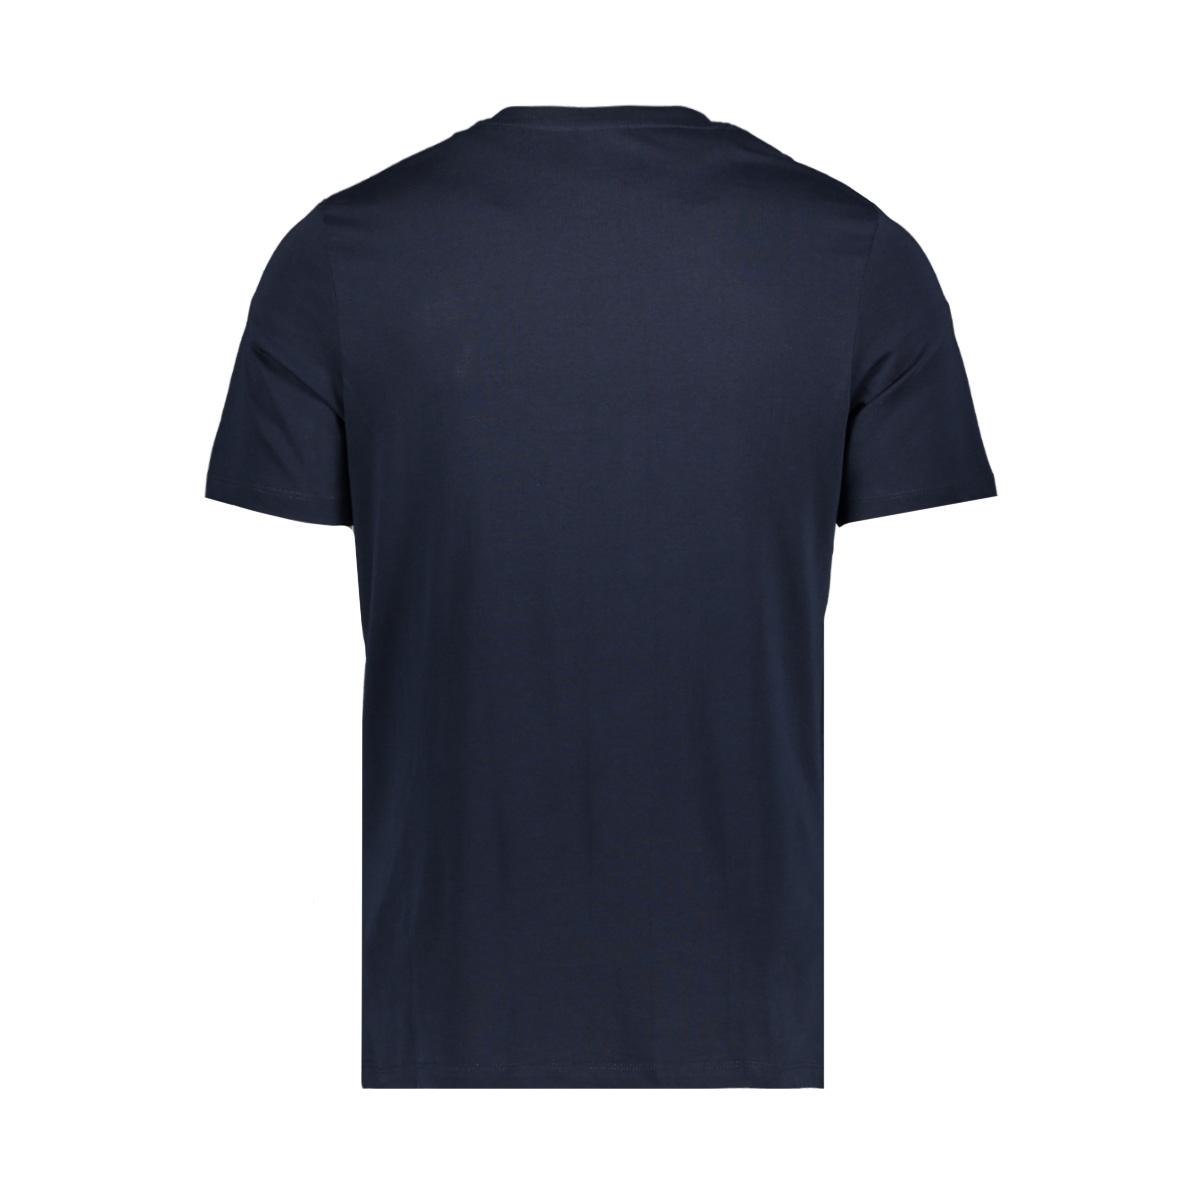 jcoraba tee ss crew neck fst 12172222 jack & jones t-shirt sky captain